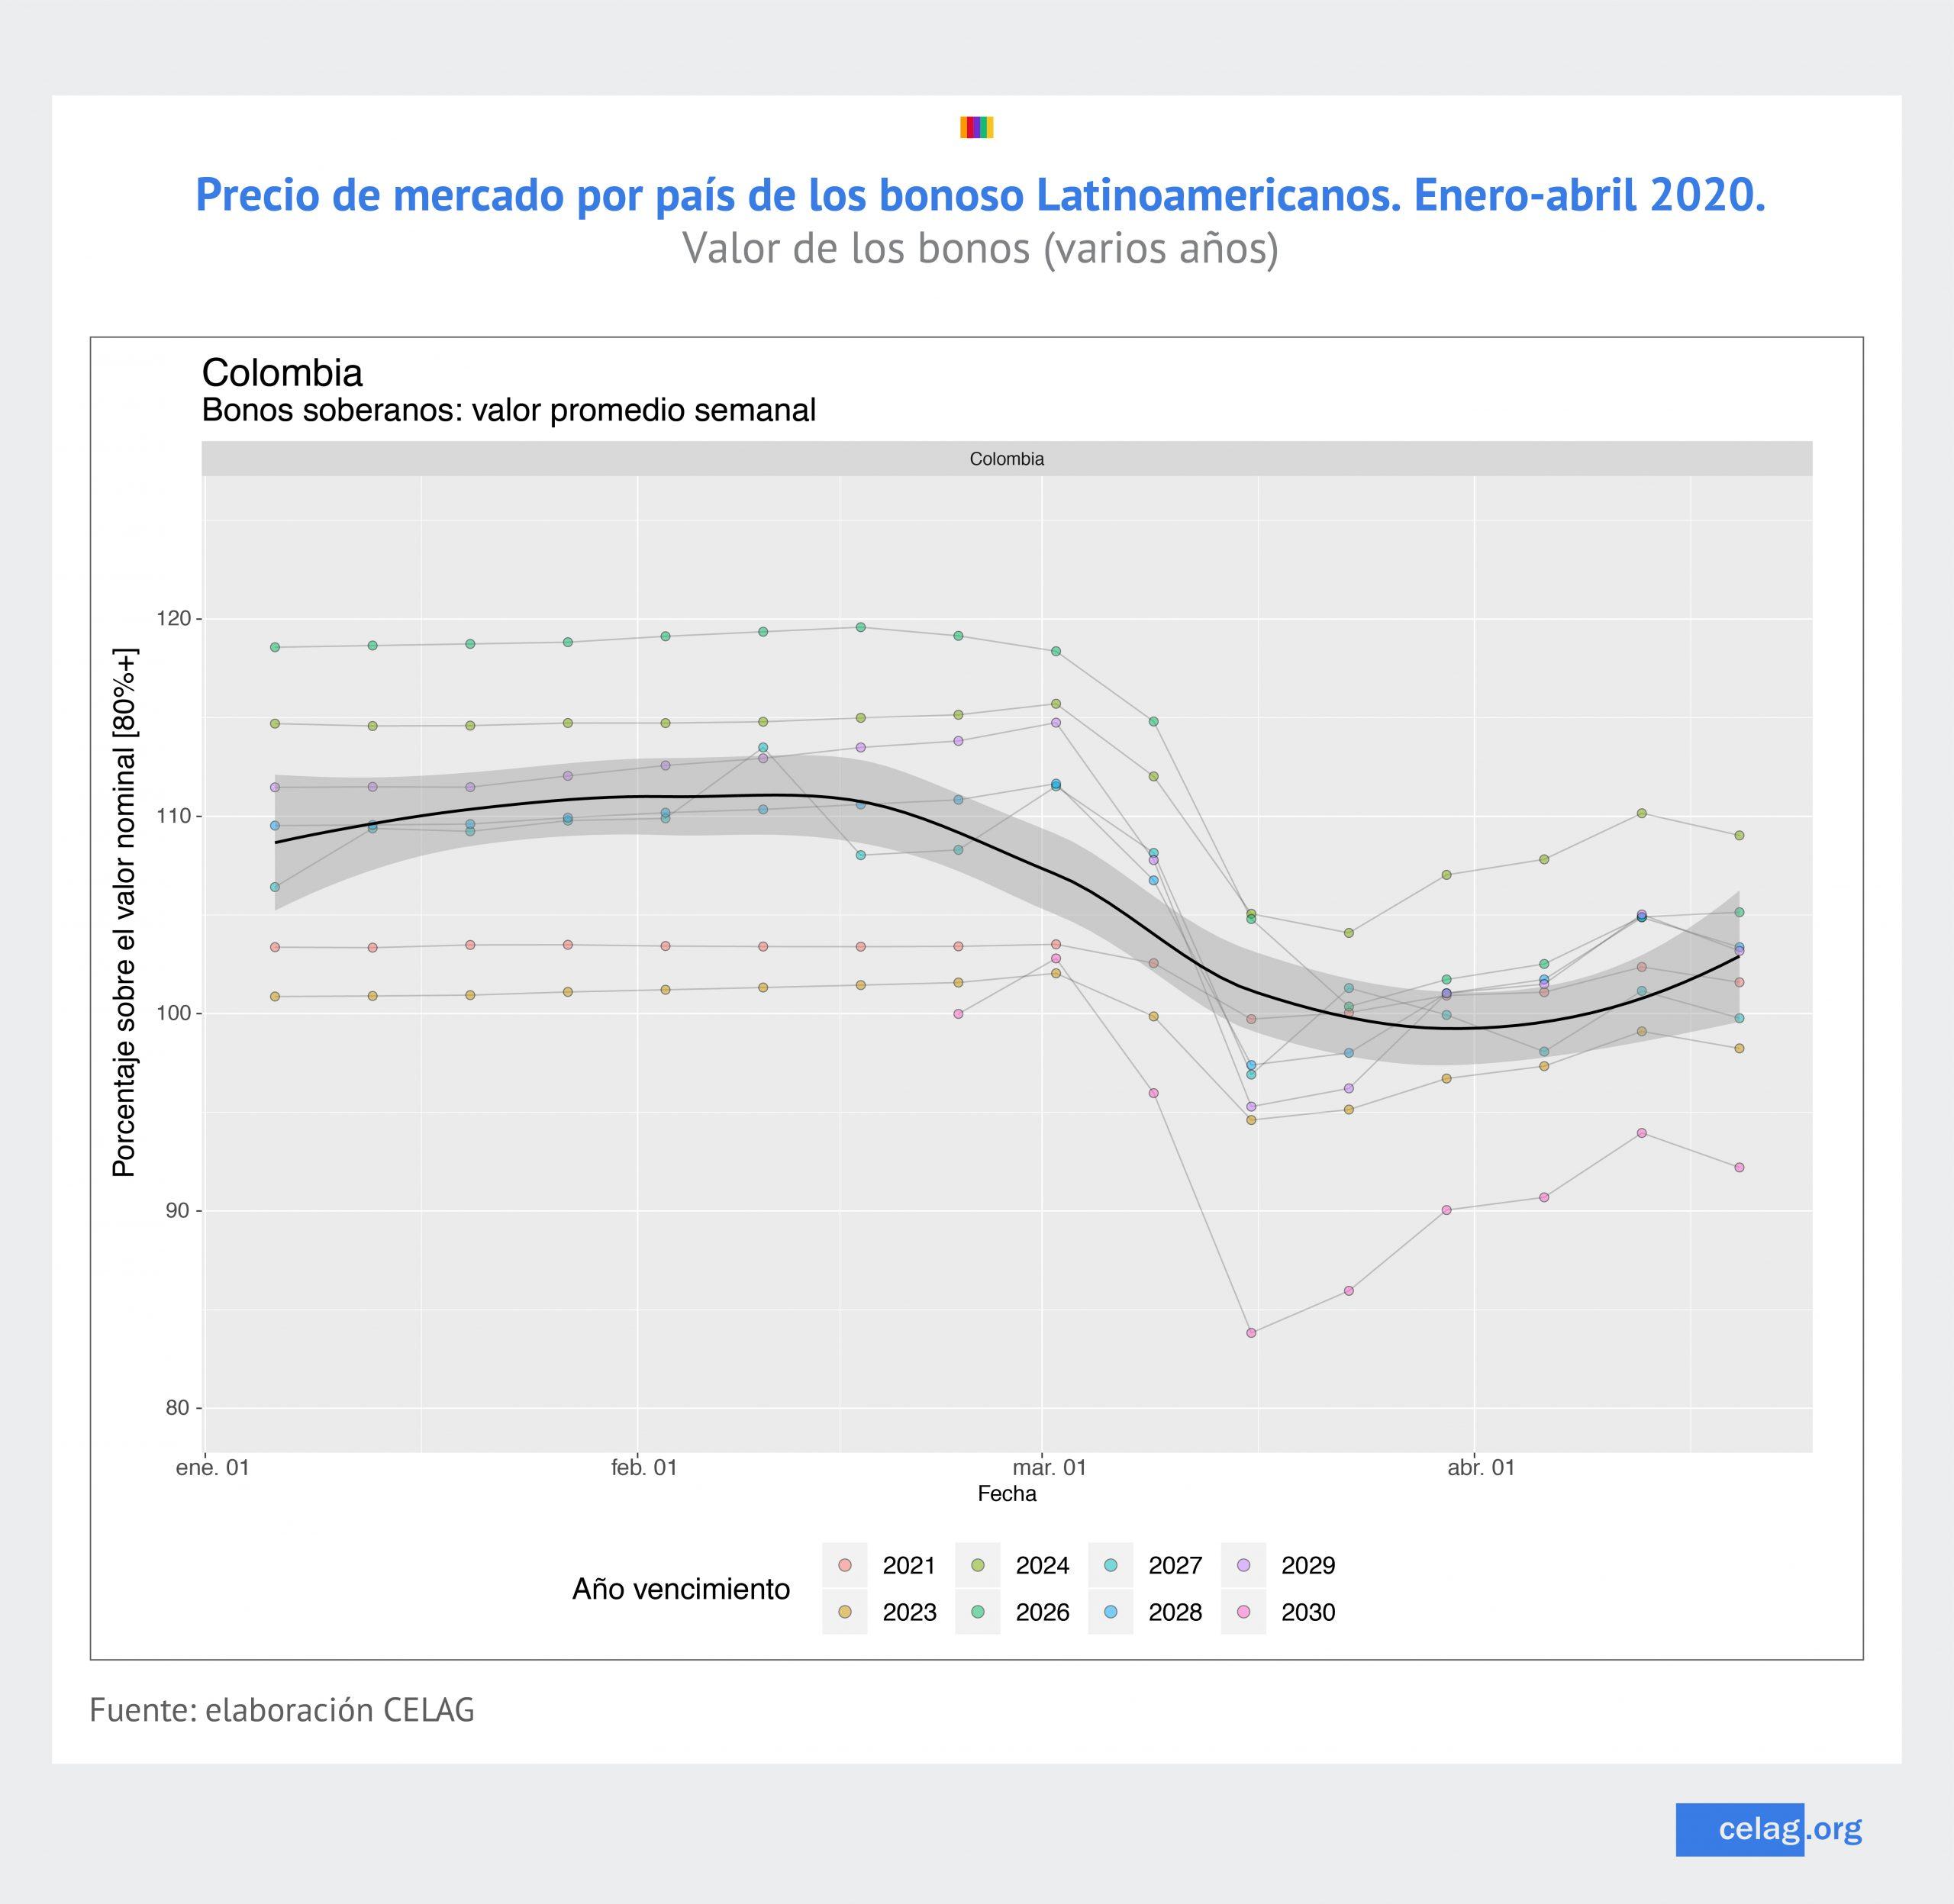 Precios de bonos Colombia